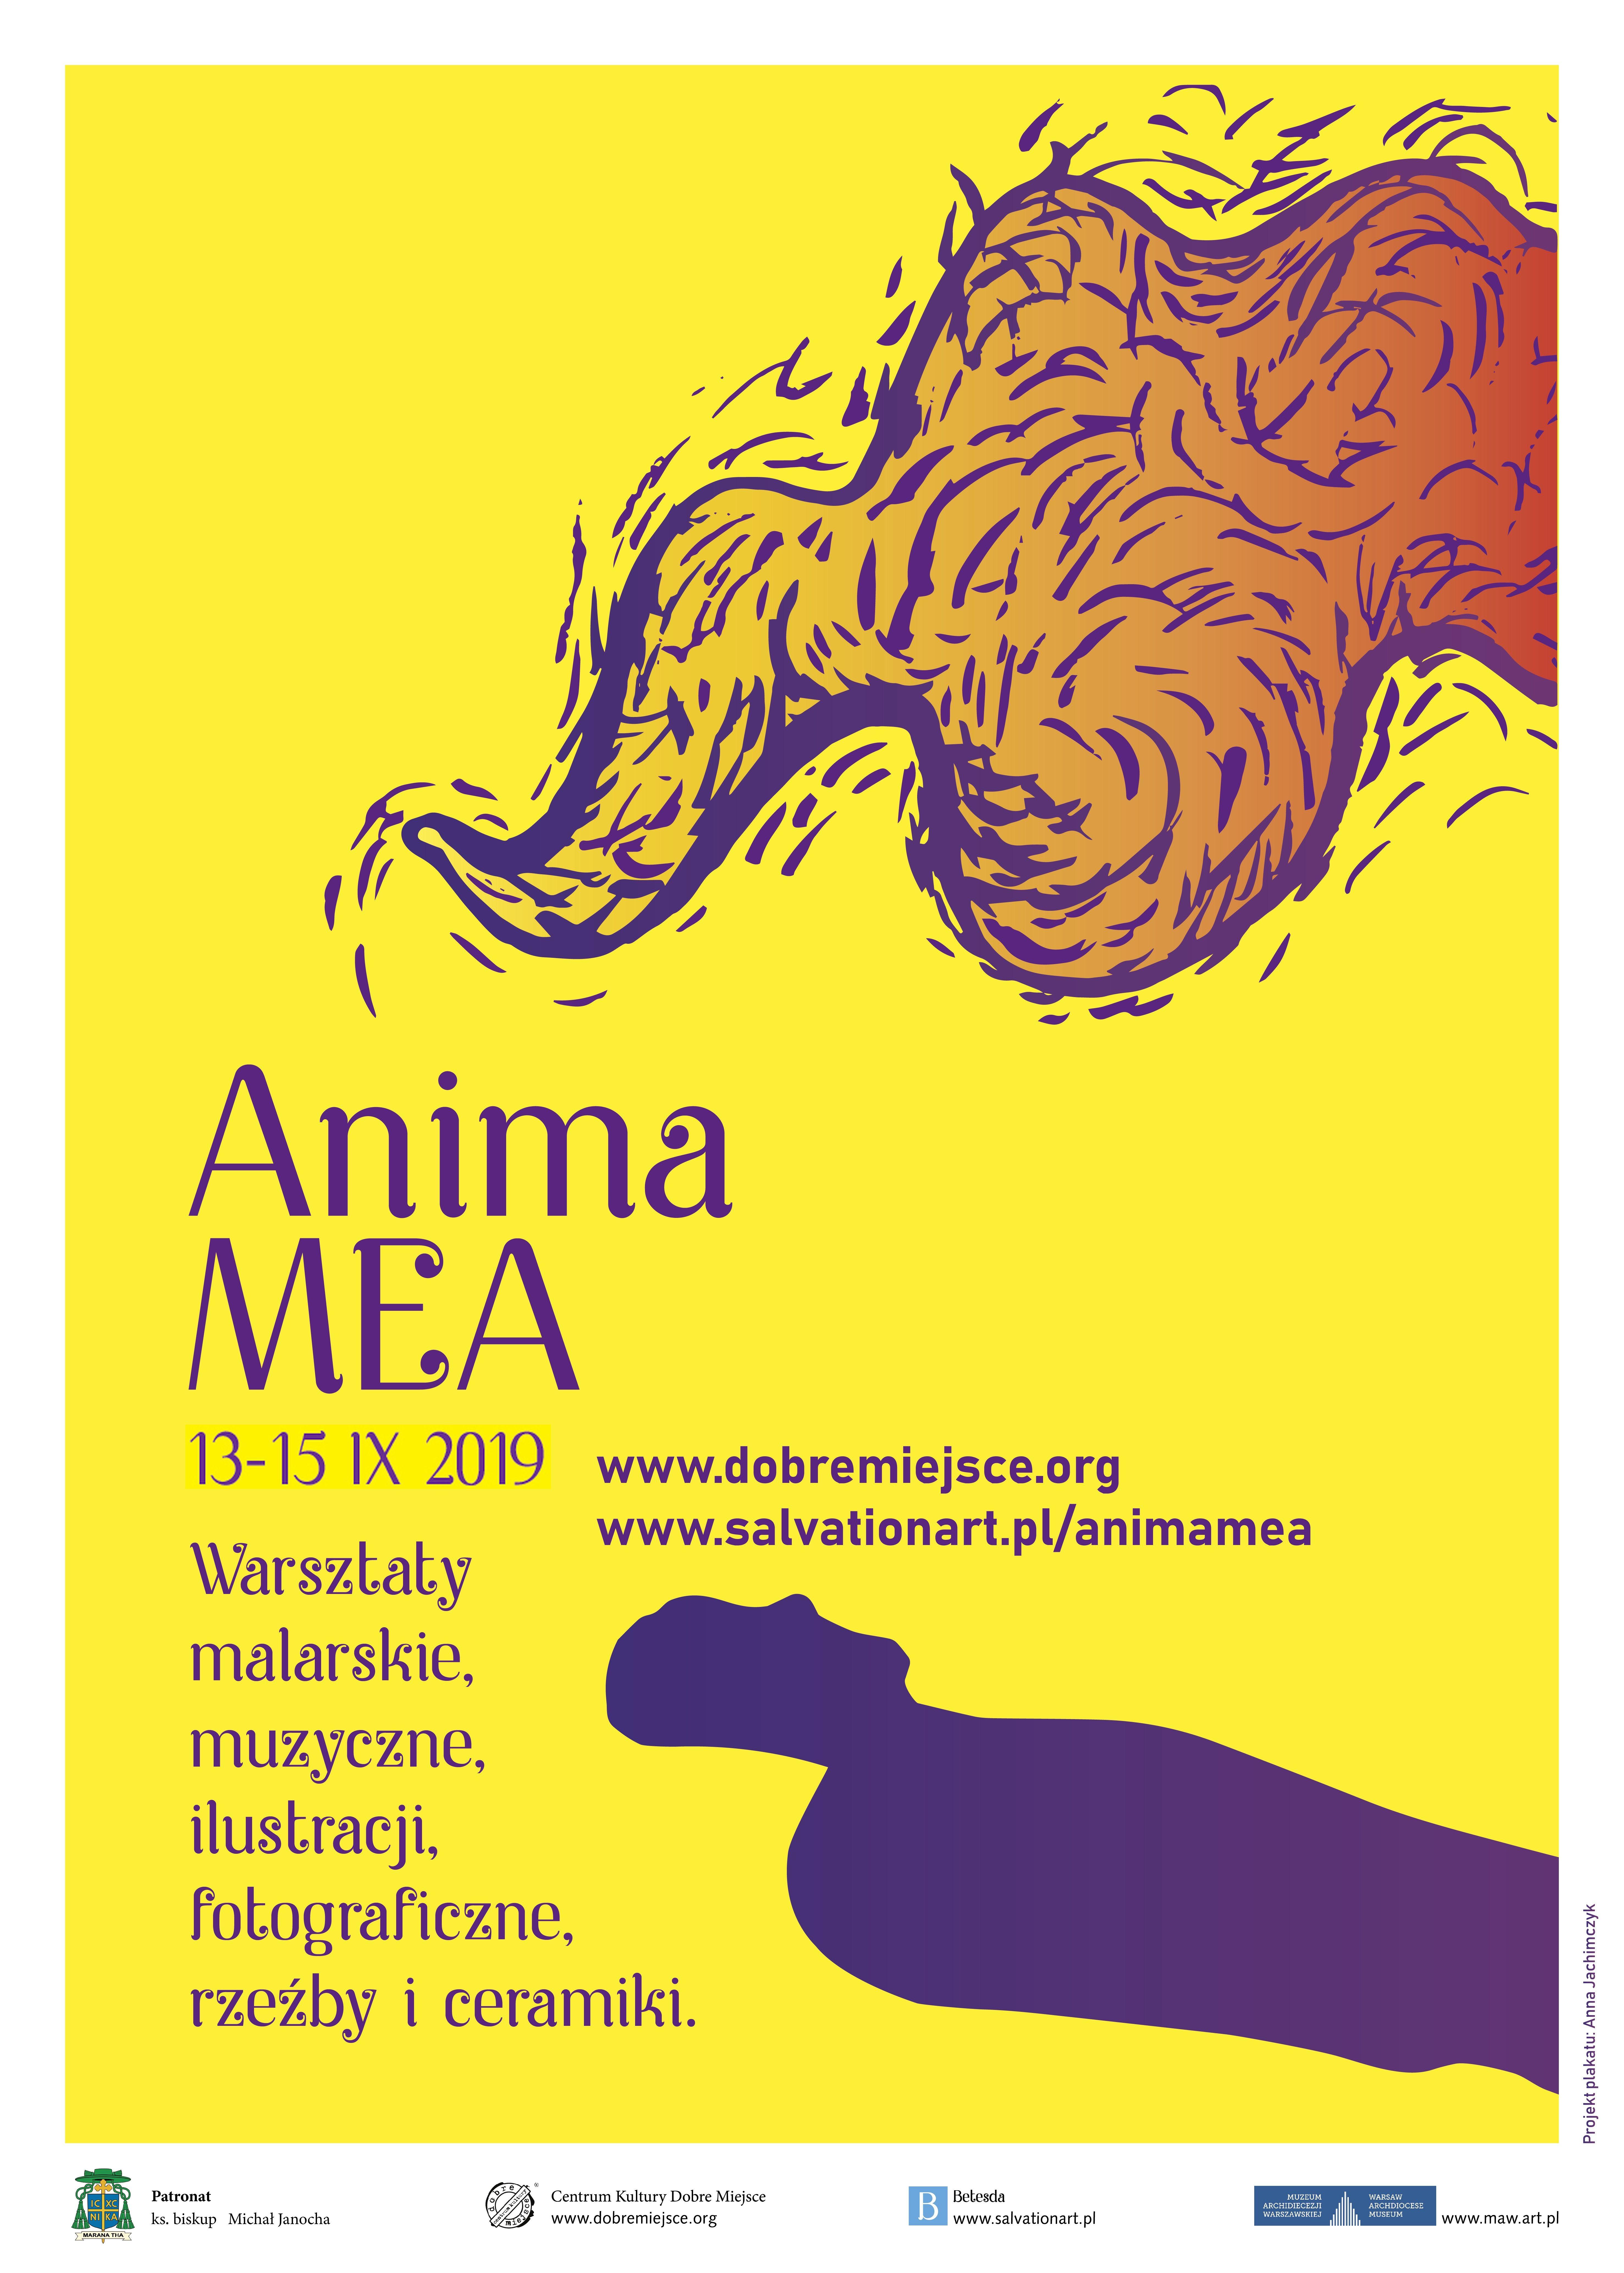 anima_mea_warsztaty